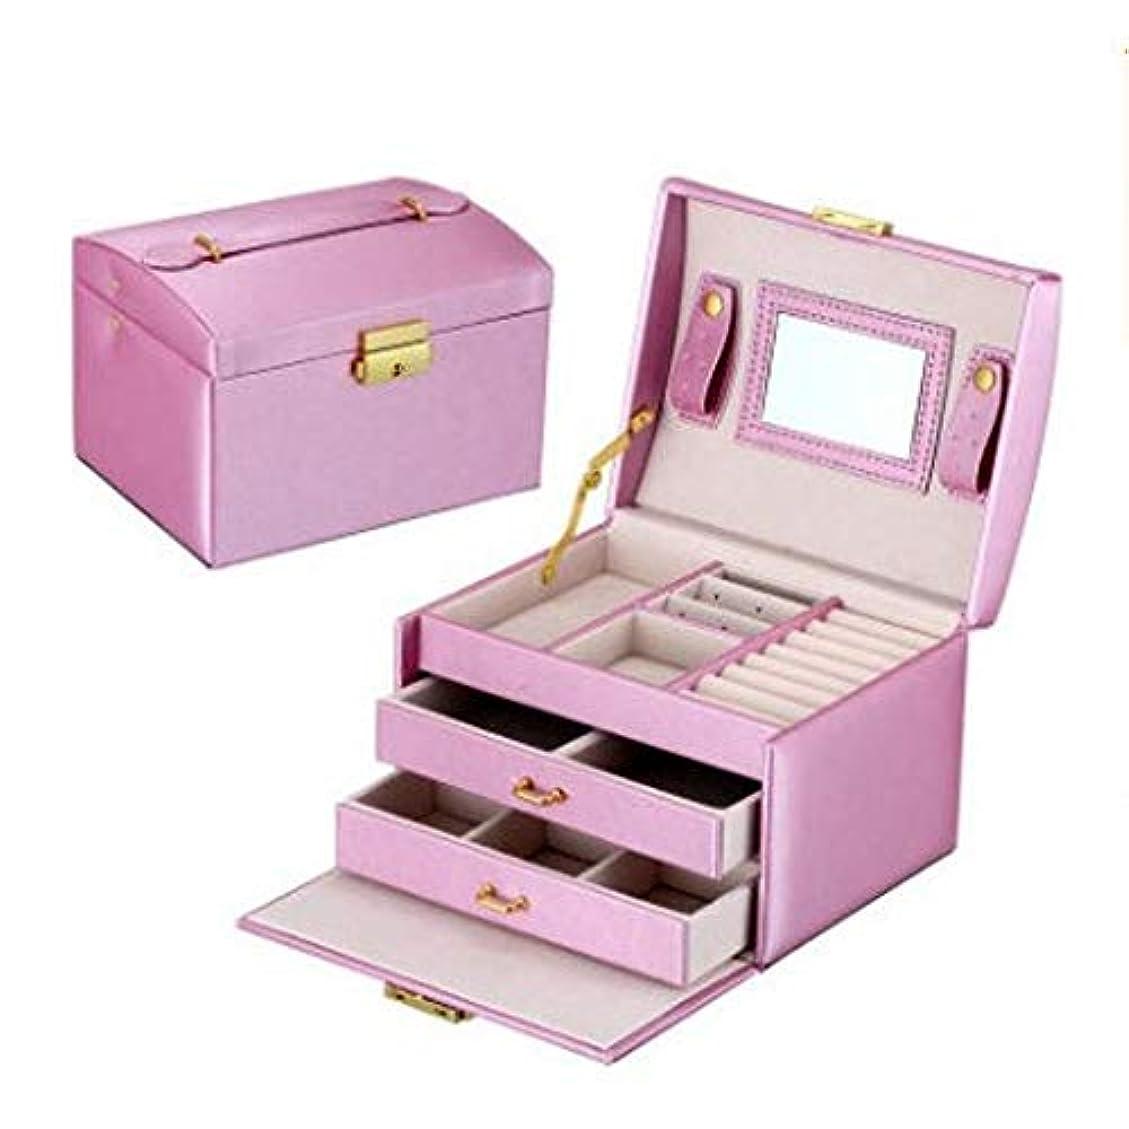 怒って超えて文房具特大スペース収納ビューティーボックス 大型人工皮革トラベルジュエリーボックス収納ボックスディスプレイリングイヤリングネックレス(5色オプション) 化粧品化粧台 (色 : Purple pink)